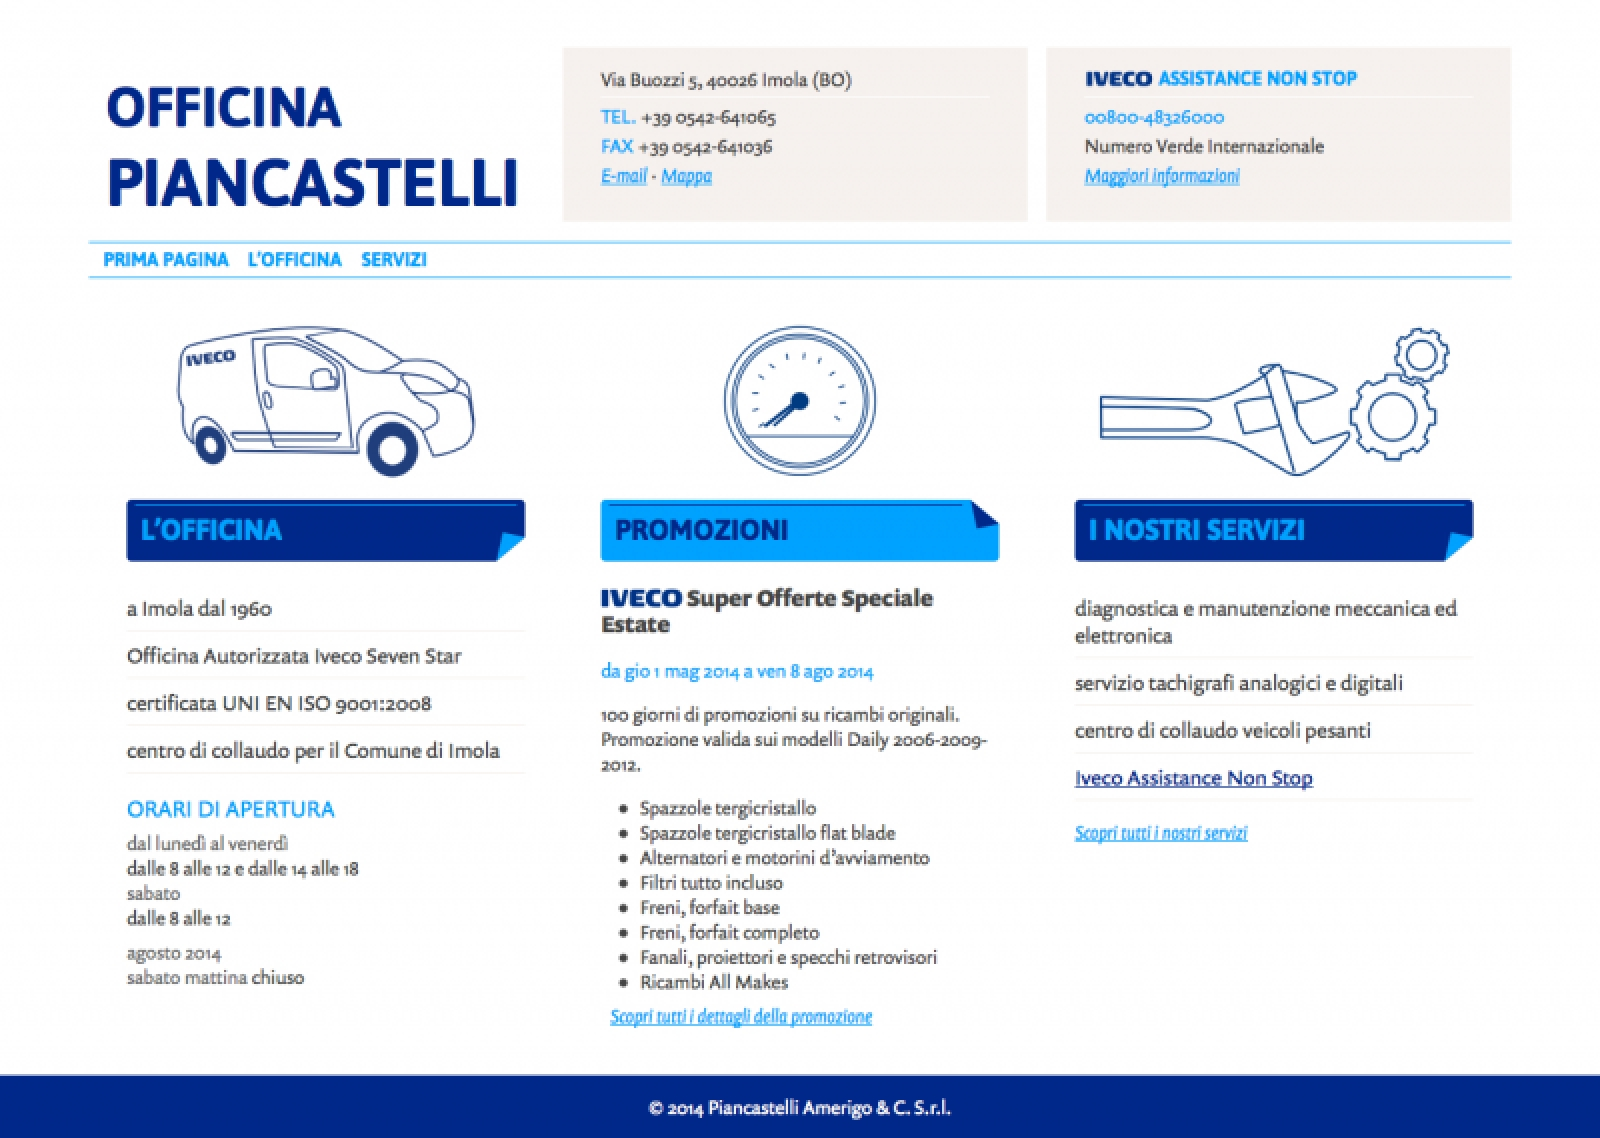 piancastelli.it – home page